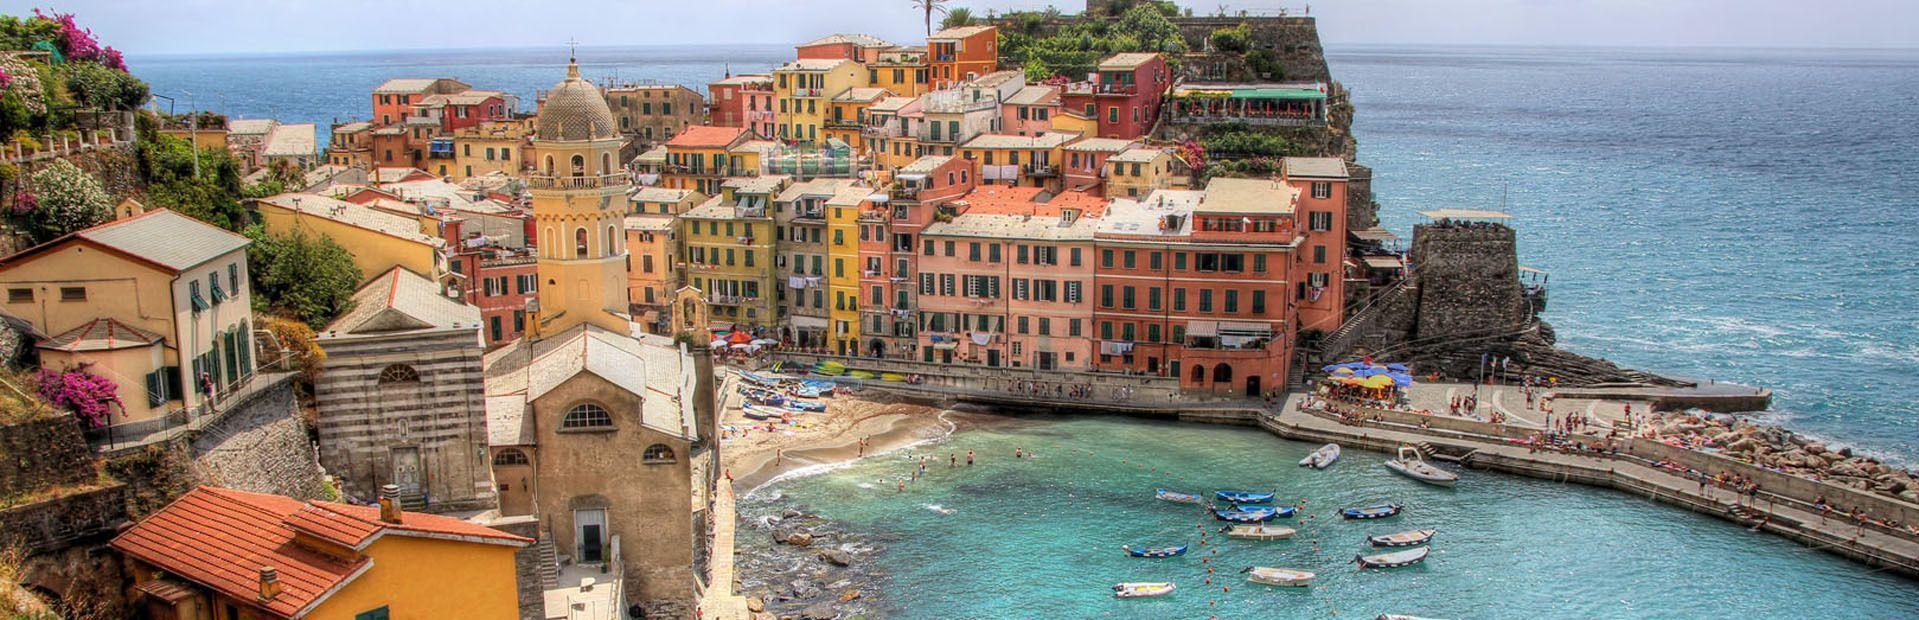 Liguria Express: i colori delle Cinque Terre